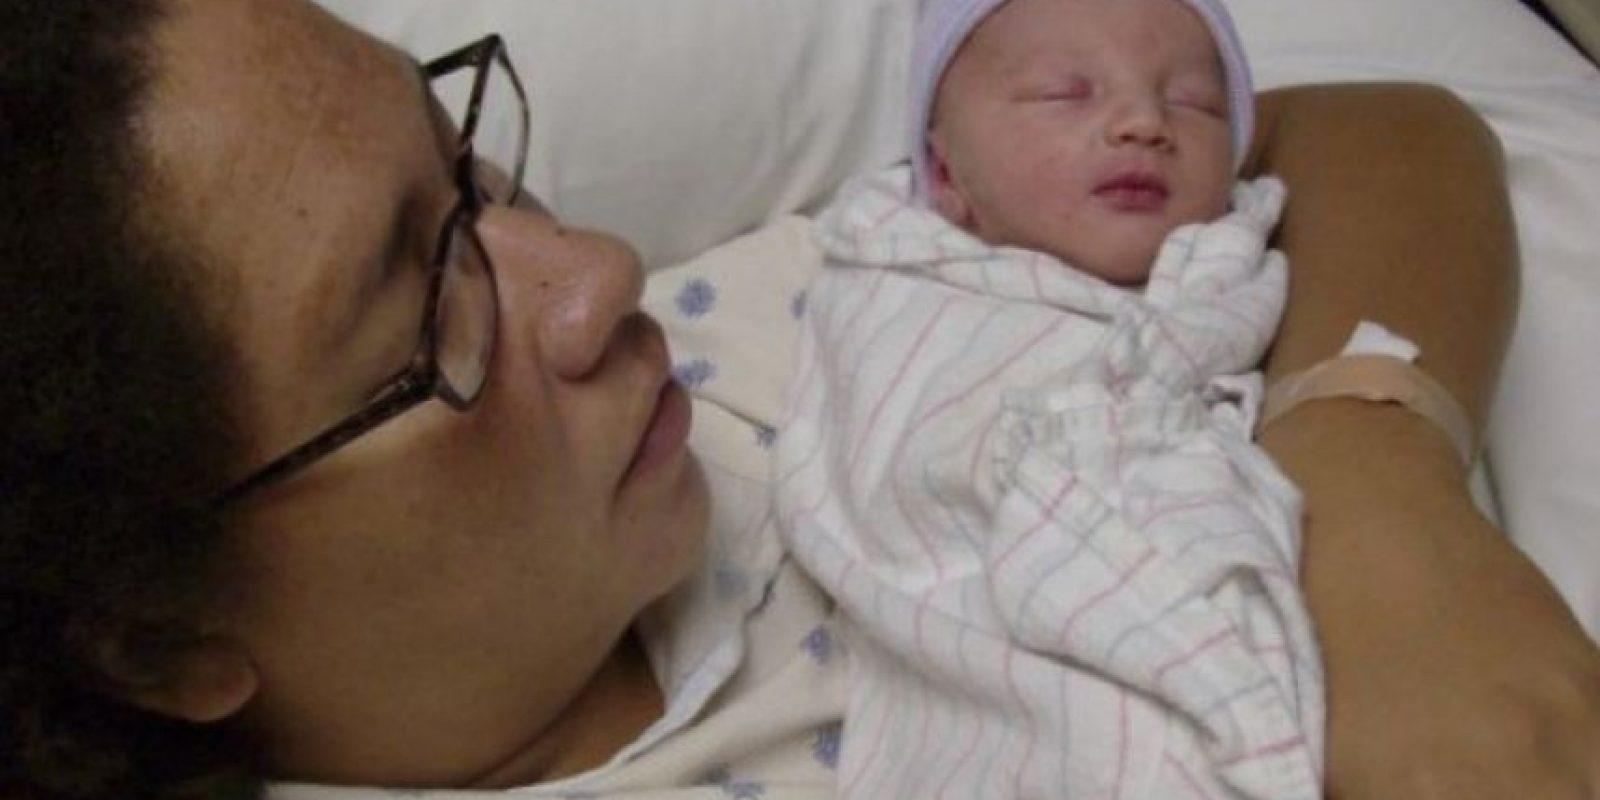 """Otty Sánchez originaría de Denver, Estados Unidos, utilizó dos espadas para desmembrar a su bebé de tres semanas en el año 2009, después masticó los dedos de sus pies, comió parte de su cerebro. Todo esto porque el padre del bebé se fue de la casa. Según ella, """"el diablo le ordenó hacerlo"""". Foto: Murderpedia."""